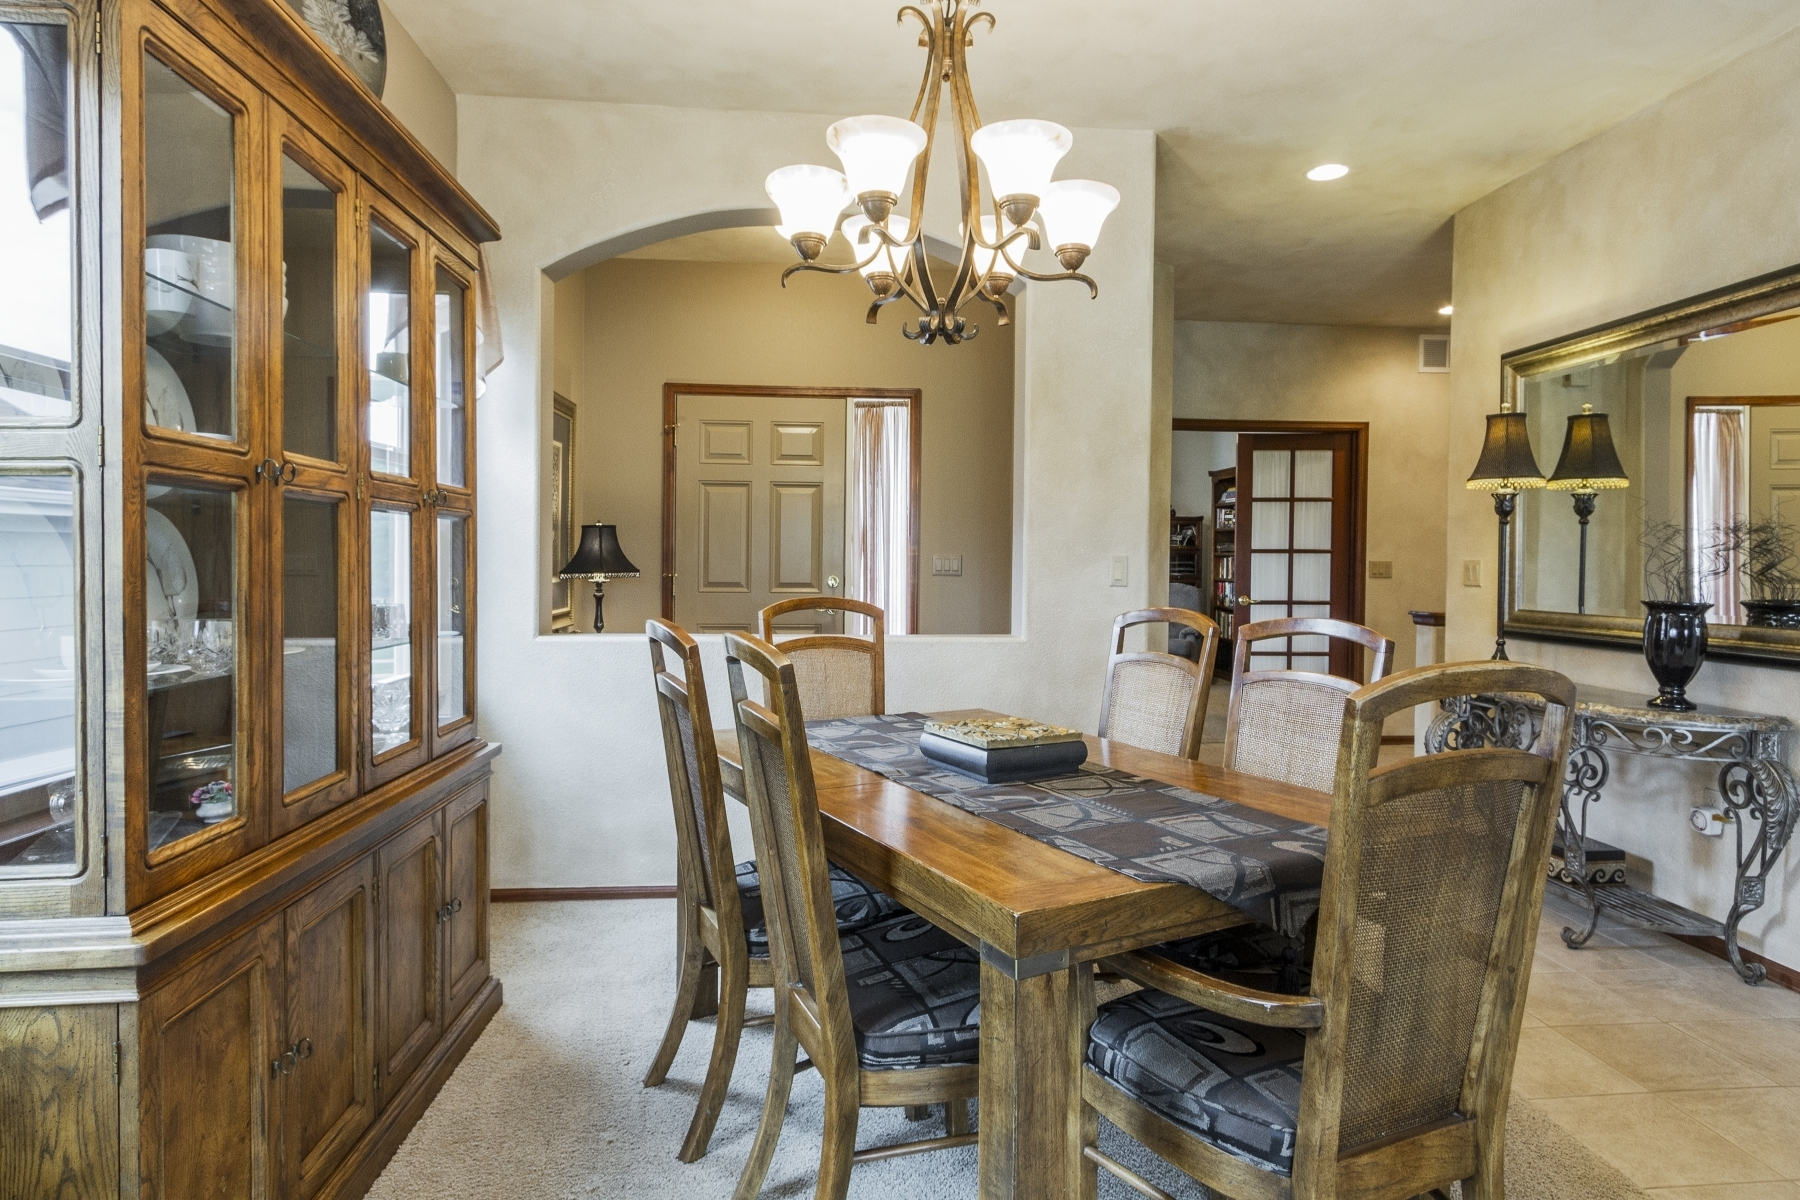 Dining-Room_1800x1200_2762563.jpg